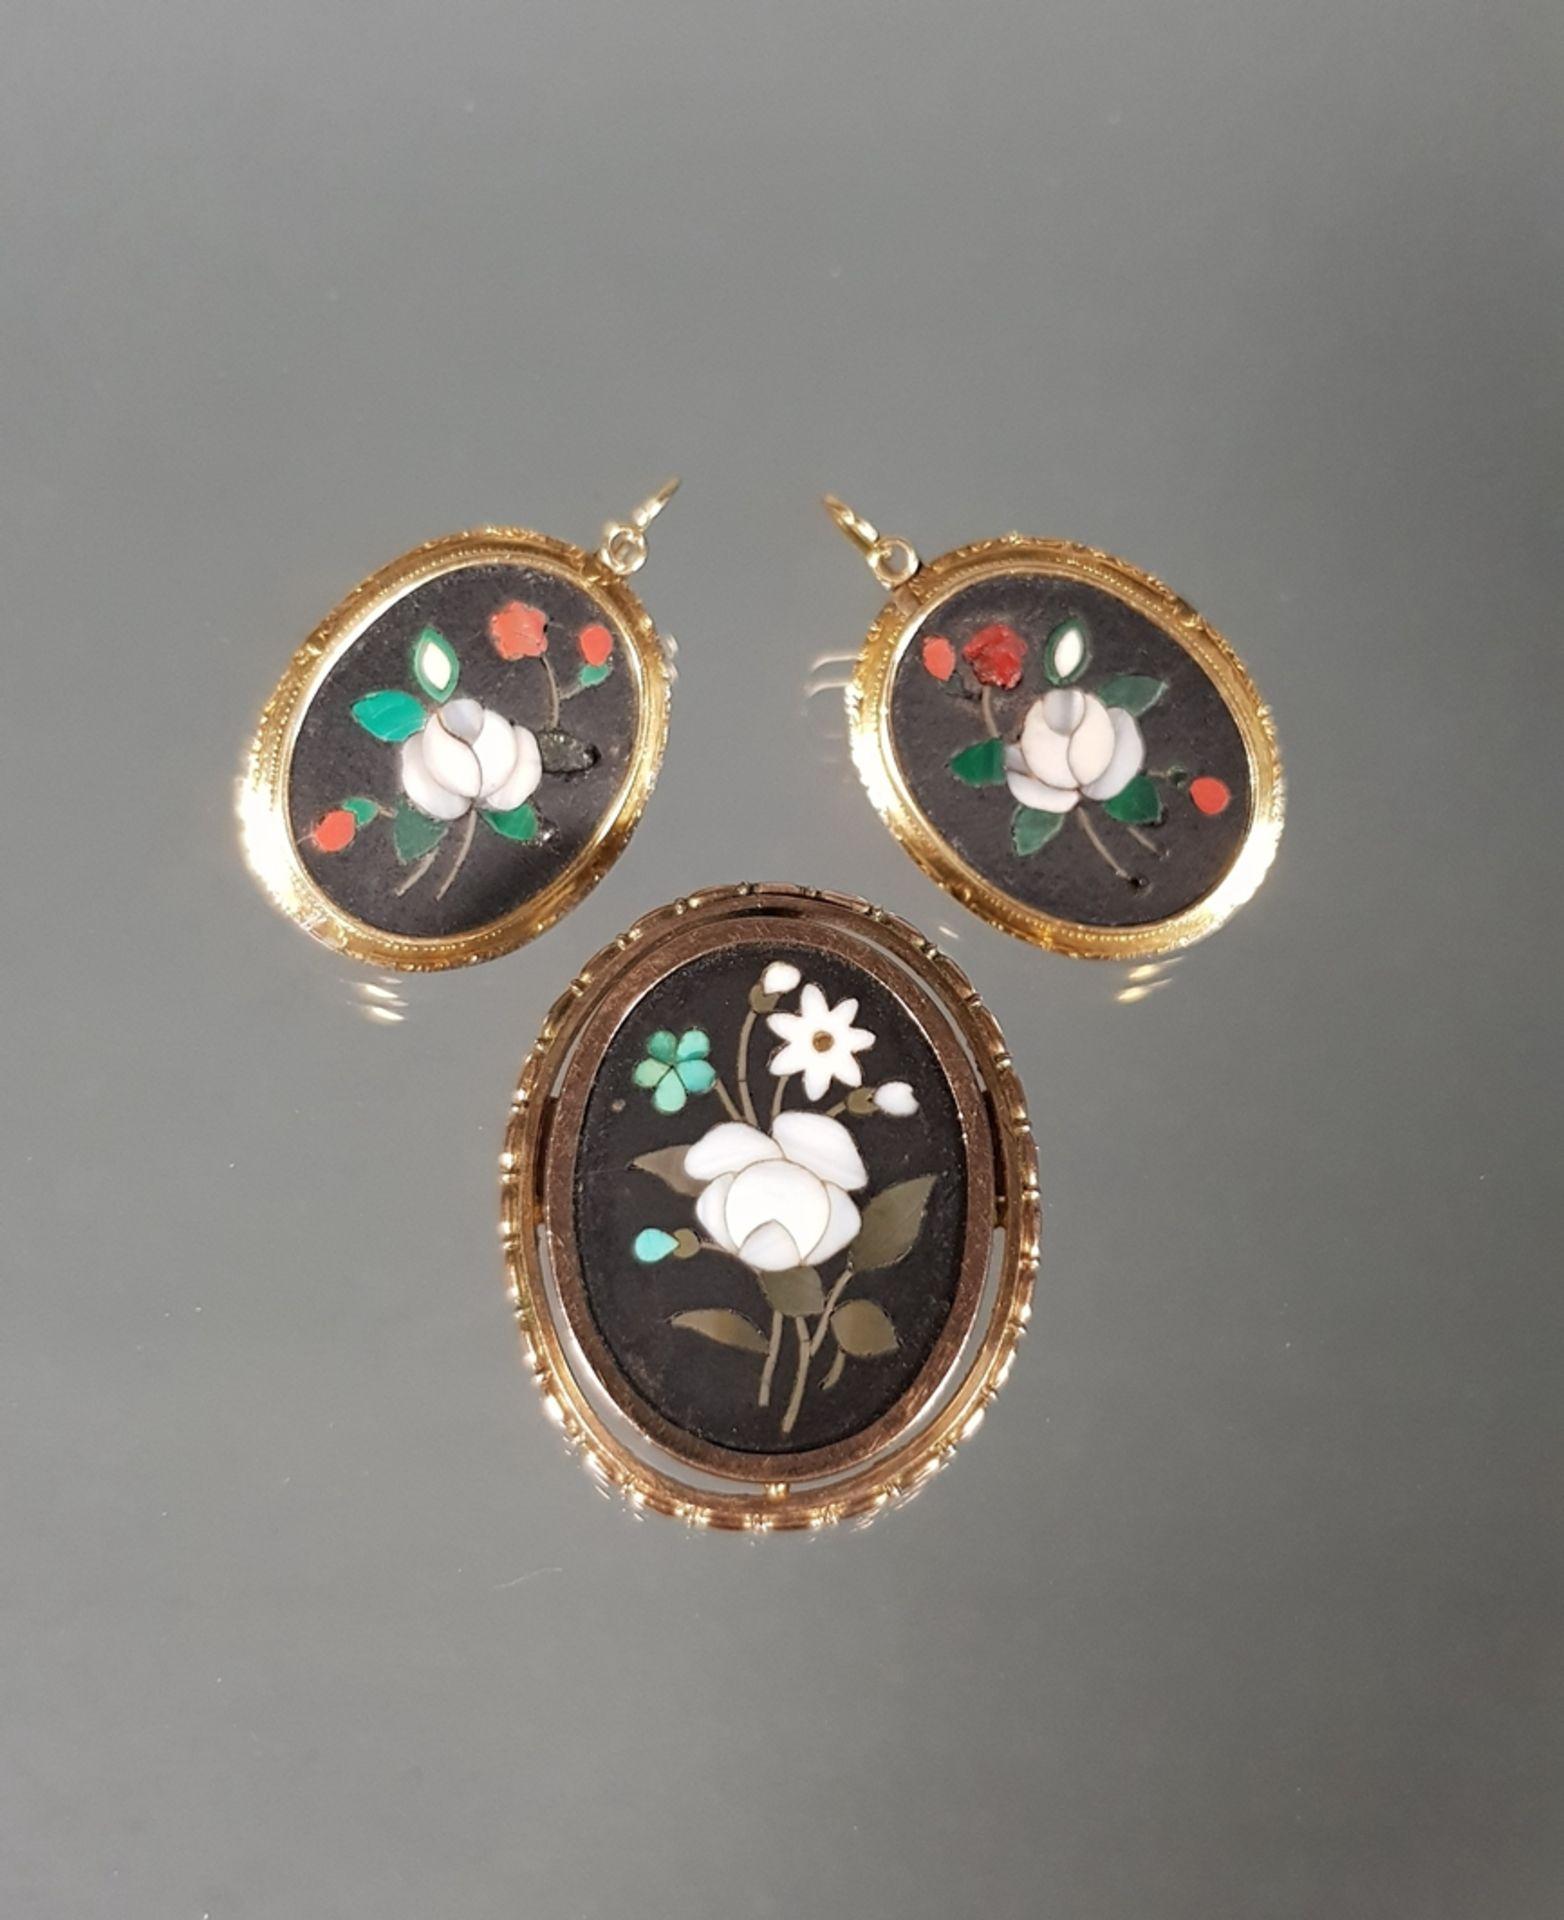 Schmuckset, um 1880: Brosche/Anhänger und Paar Ohrgehänge mit Pietra Dura-Mikromosaiken, Blumendars